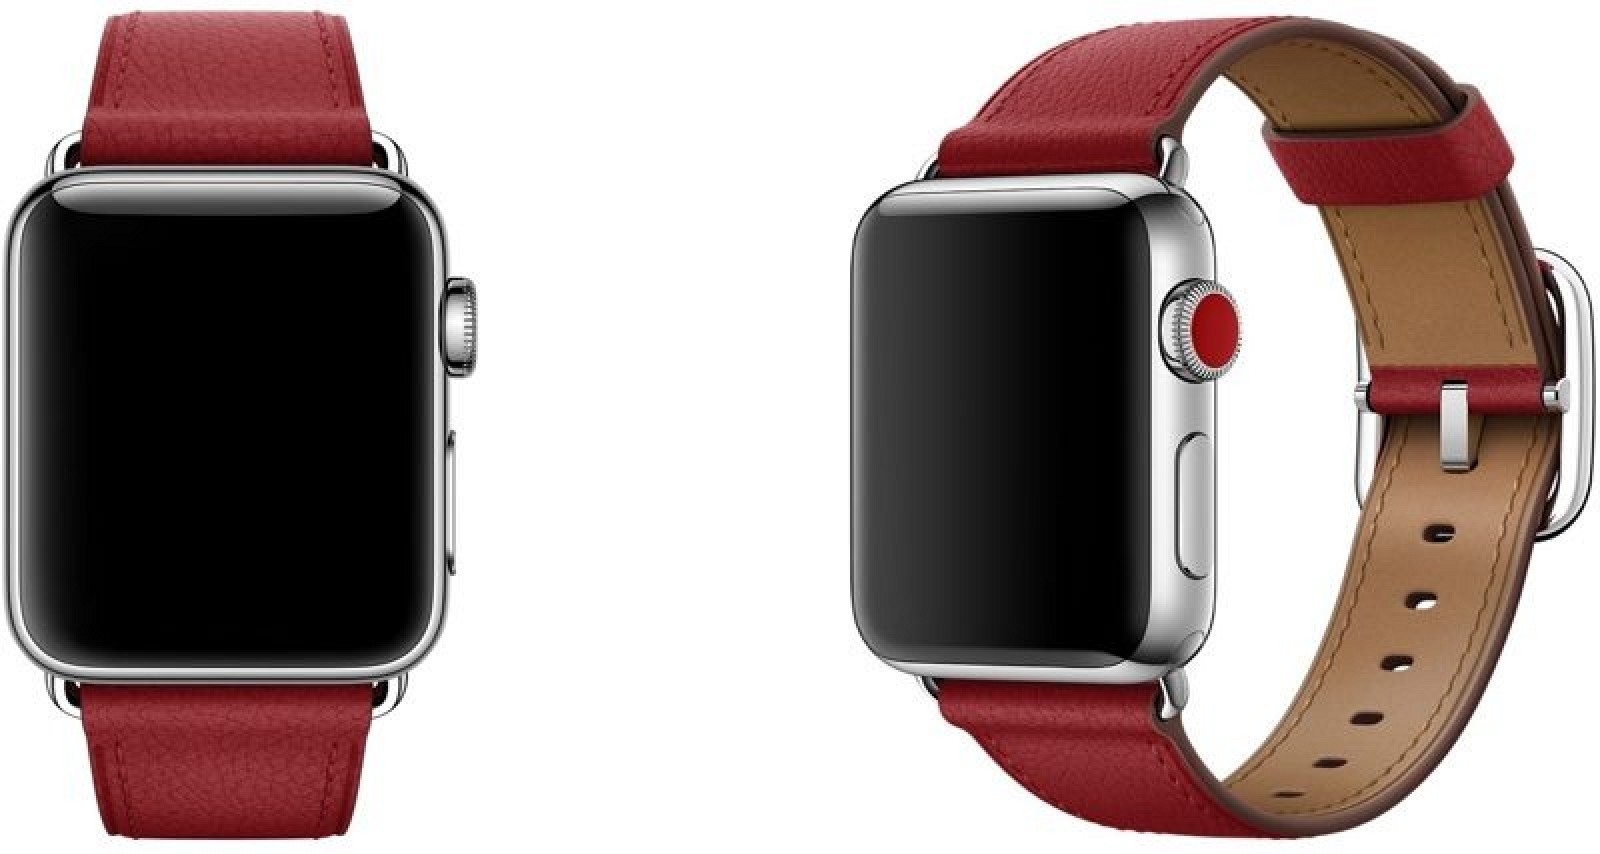 Аккумулятор Apple Watch Series 3 сможет работать до 18 часов, но зависит от активности